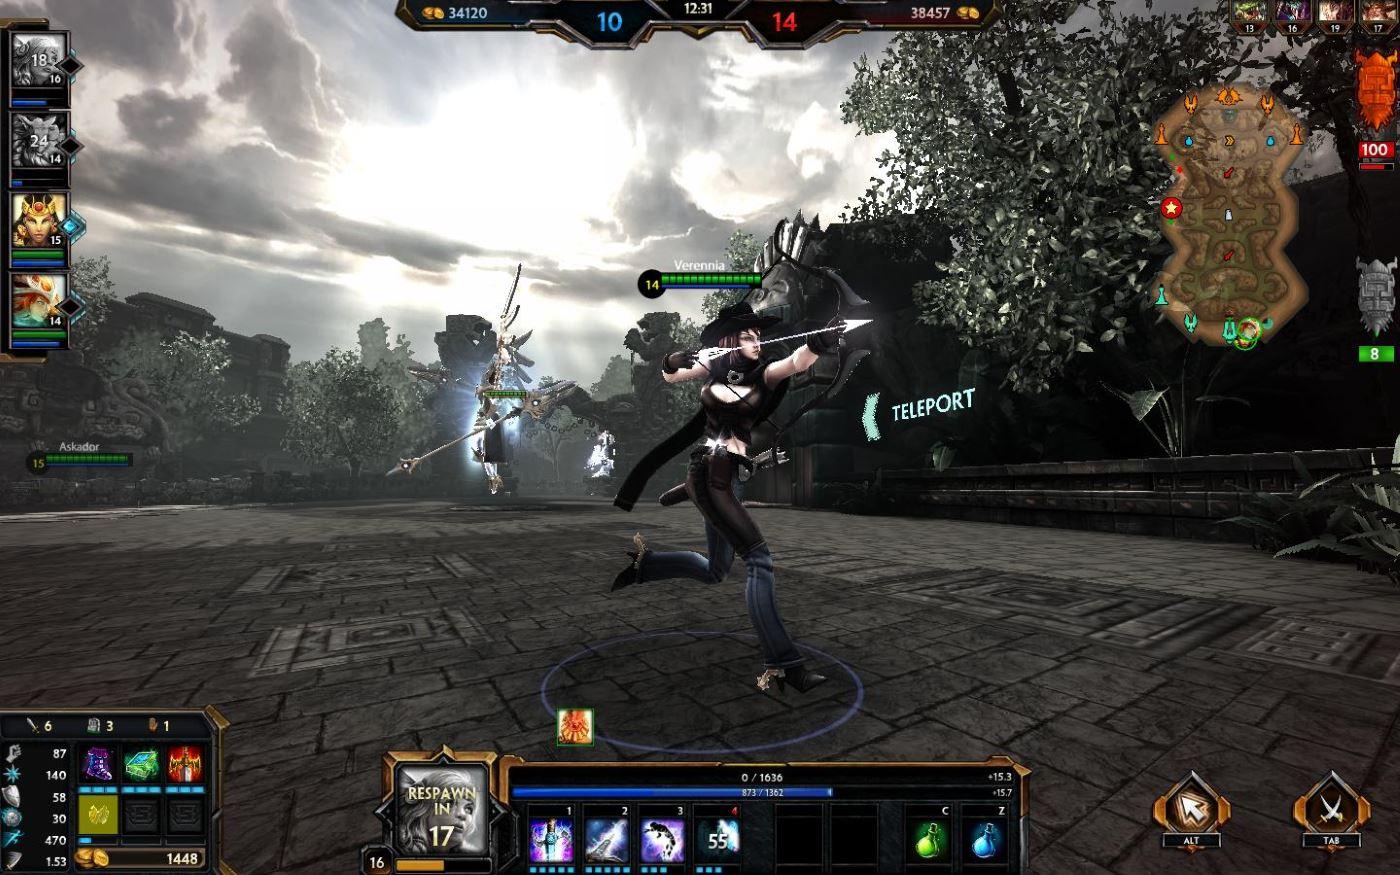 Smite Gameplay Screenshot